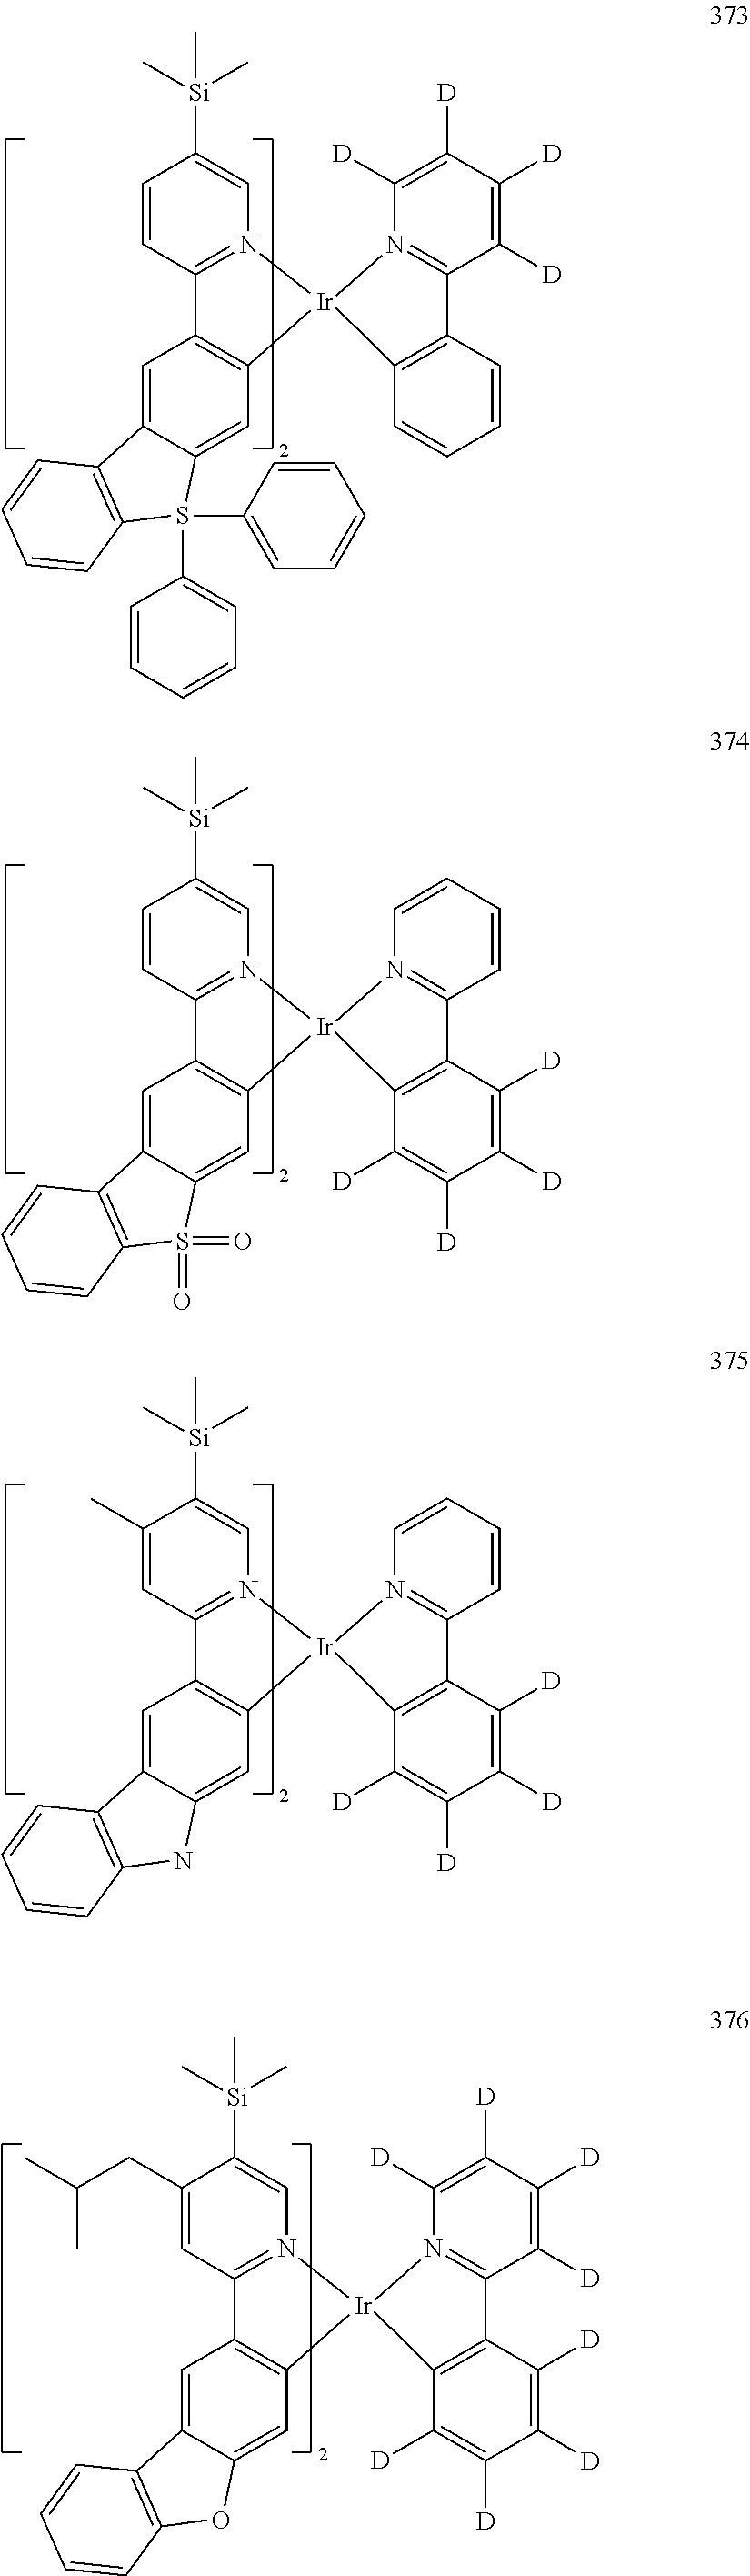 Figure US20160155962A1-20160602-C00174